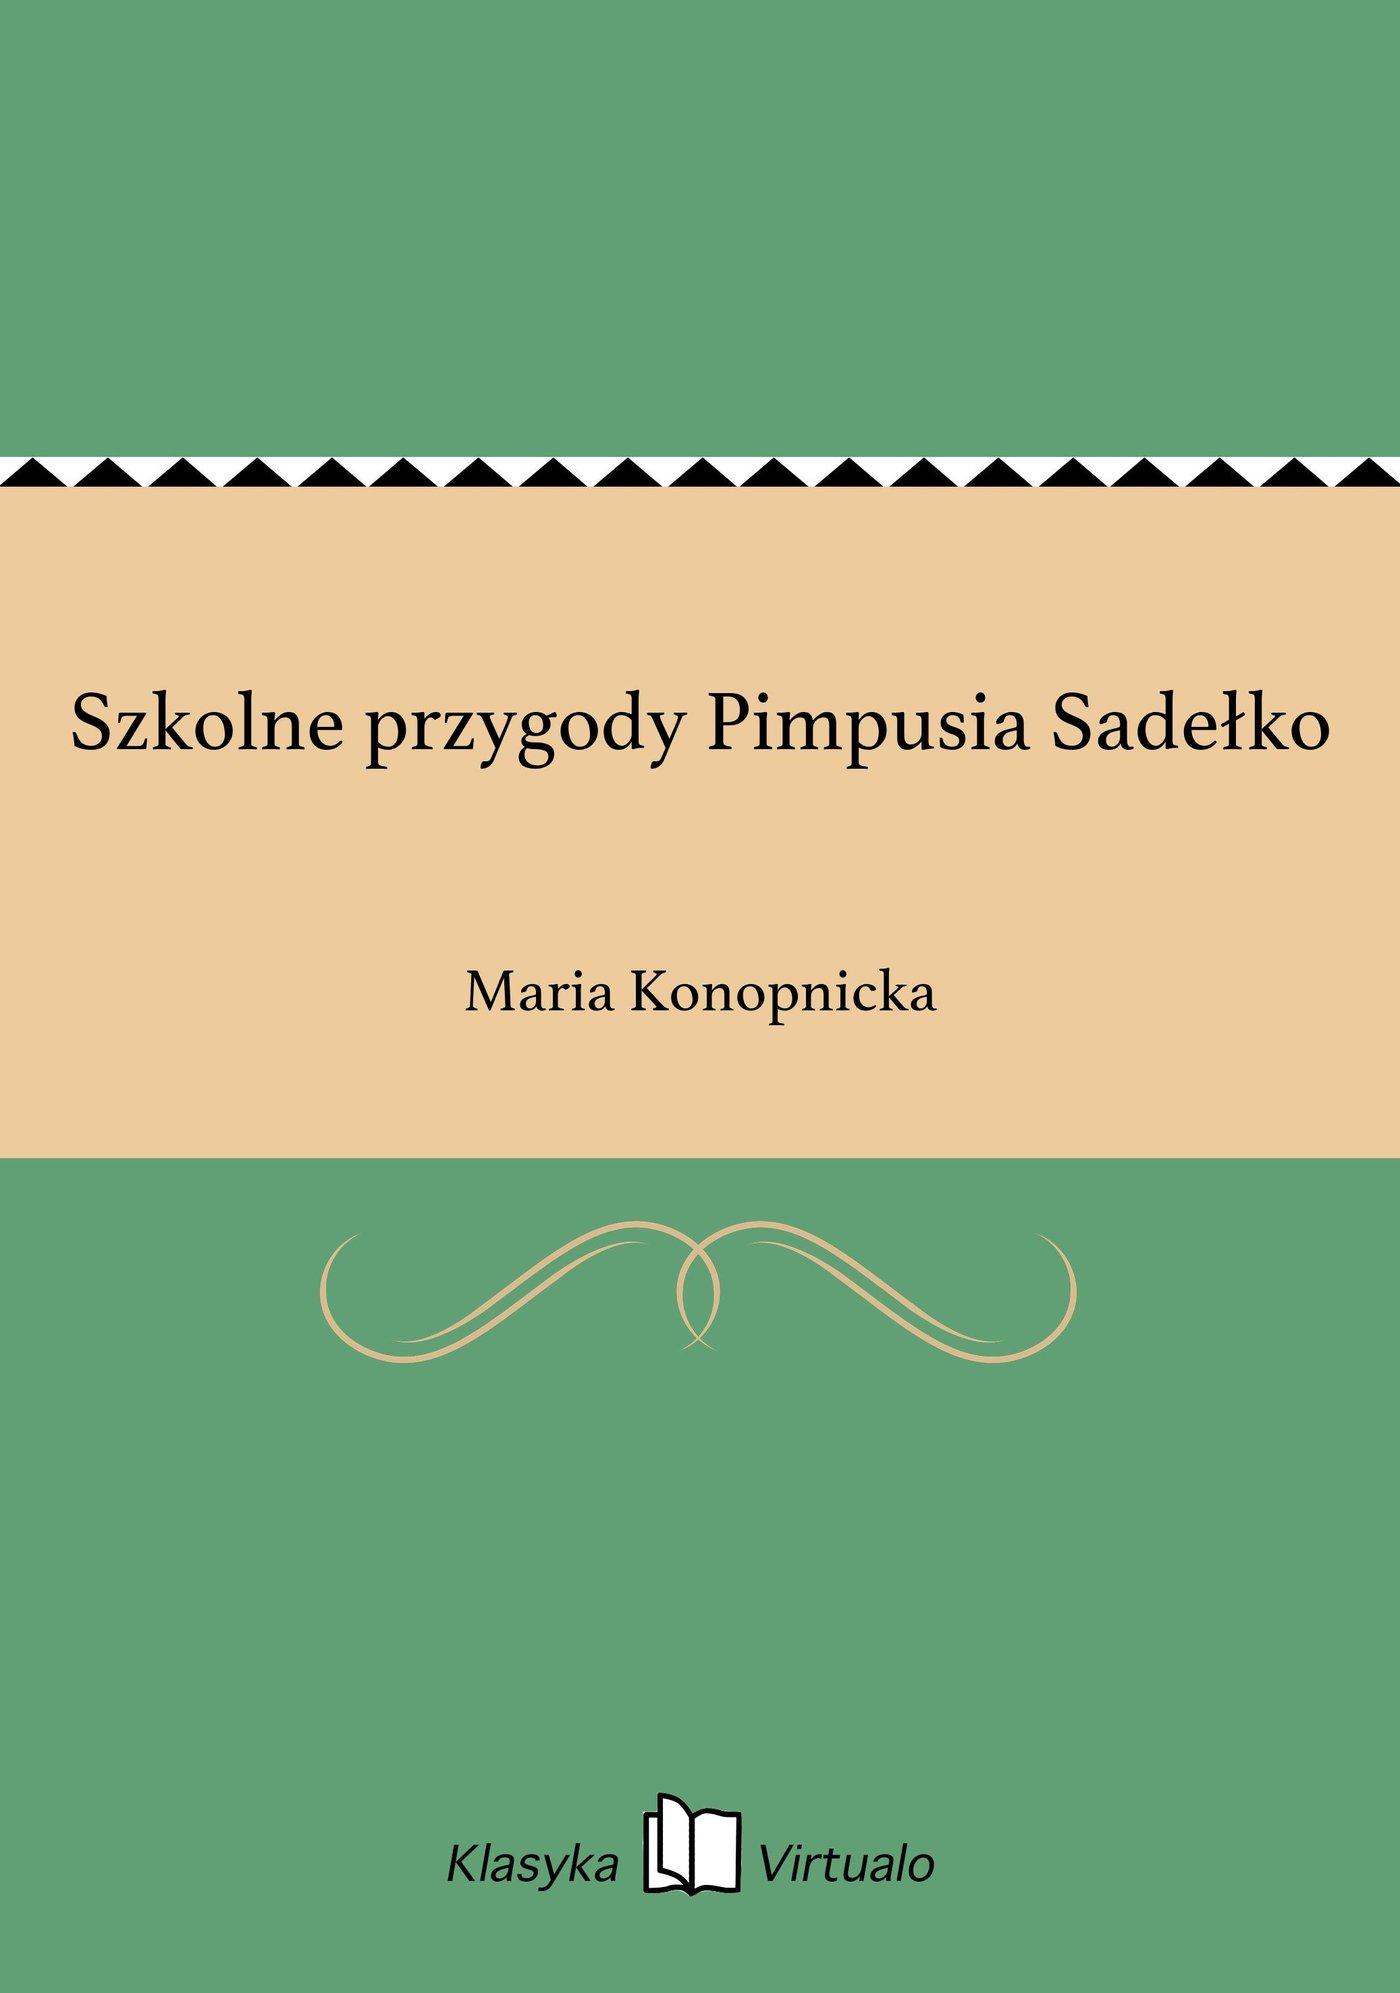 Szkolne przygody Pimpusia Sadełko - Ebook (Książka EPUB) do pobrania w formacie EPUB